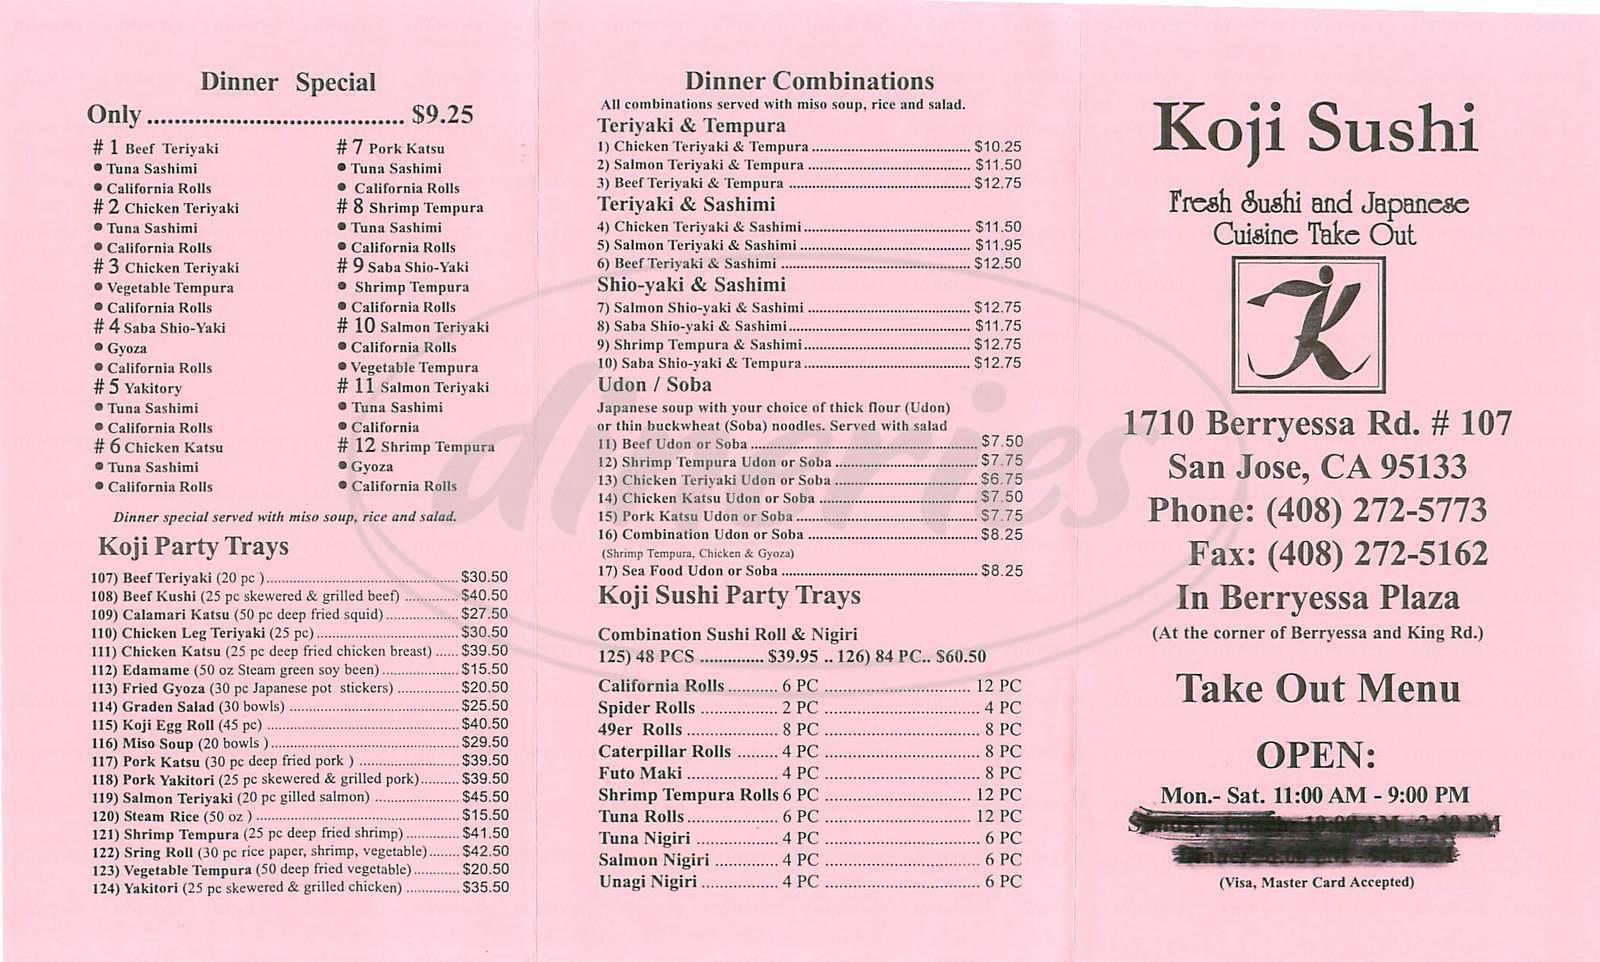 menu for Koji Sushi